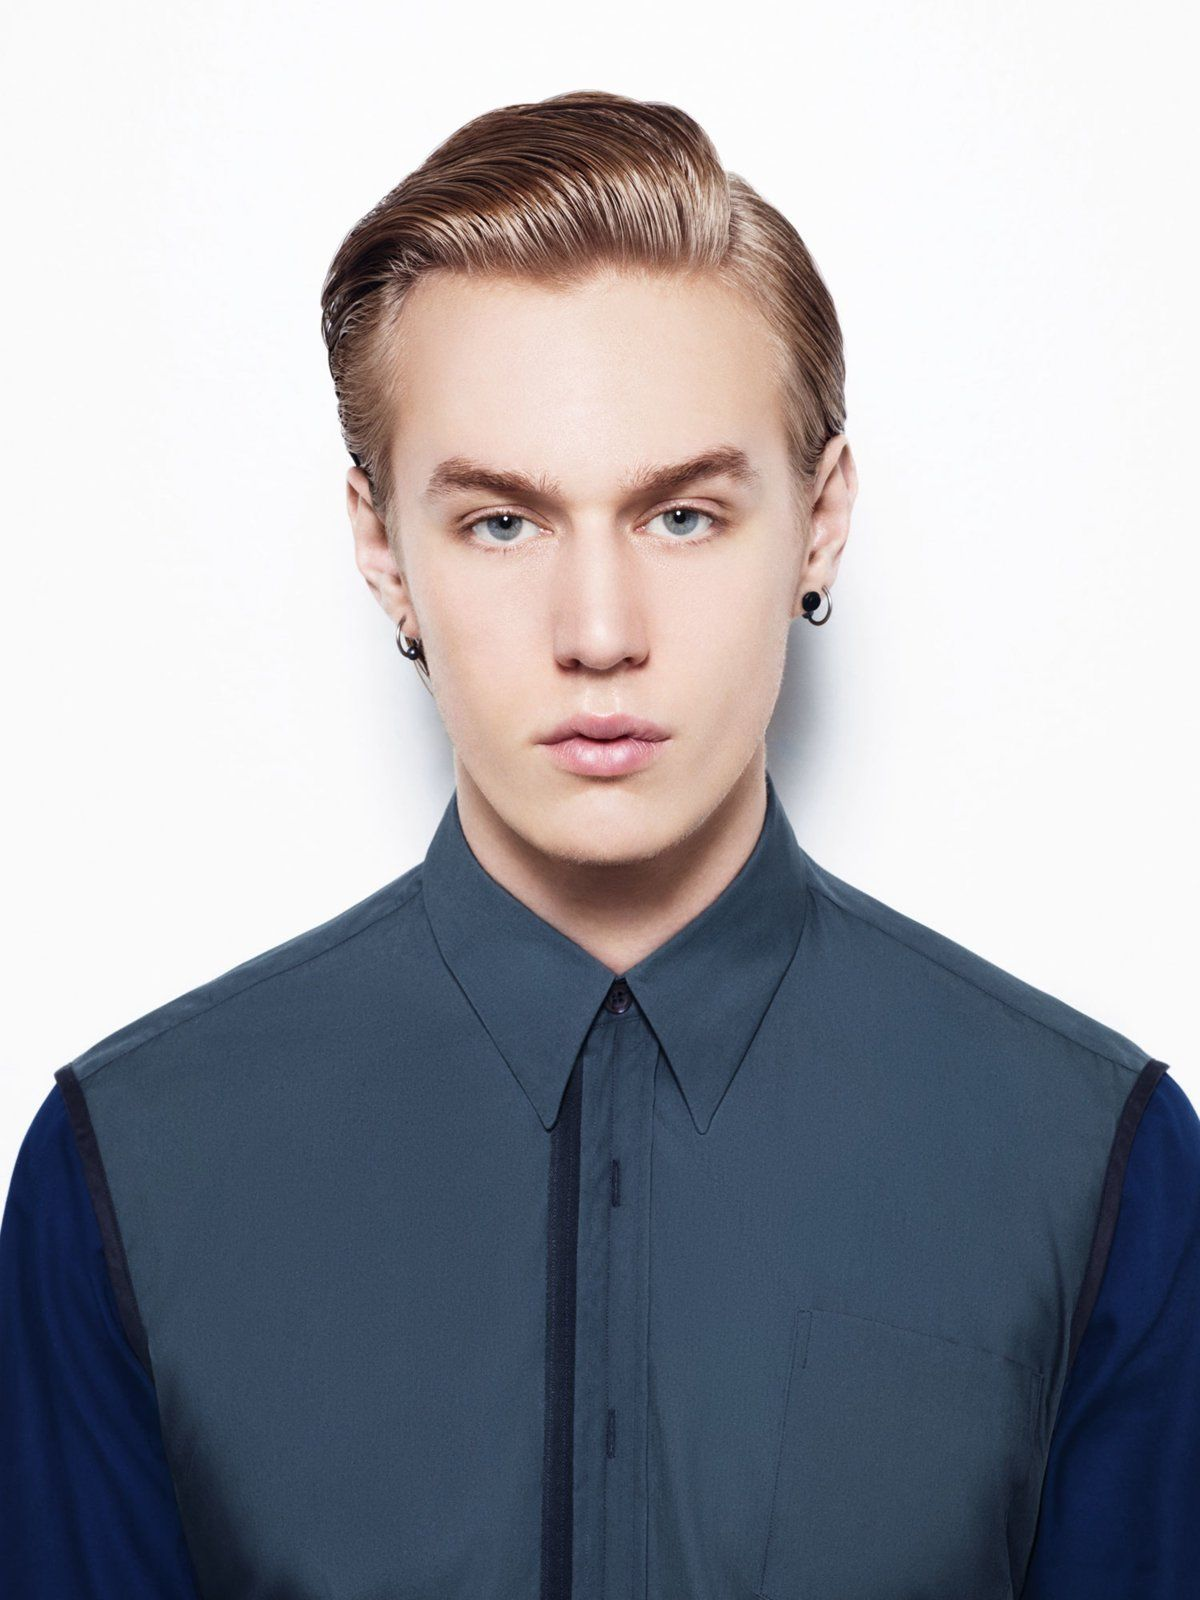 Elegante Trendfrisur für den Mann | Frisuren, Männer